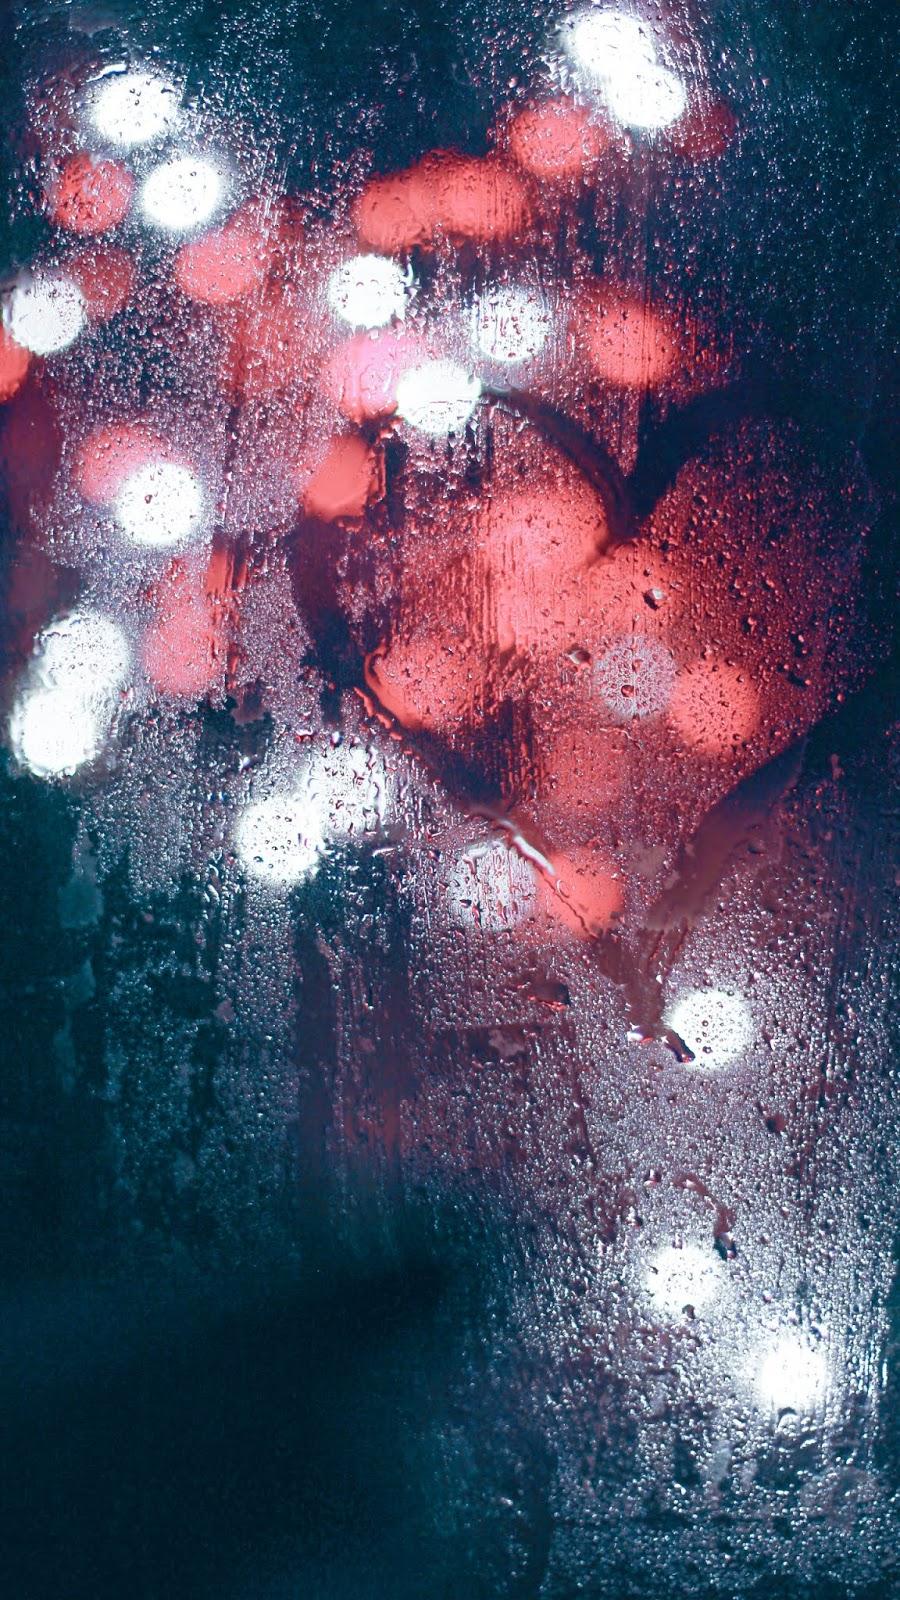 Heart shape on window glass mobile wallpaper